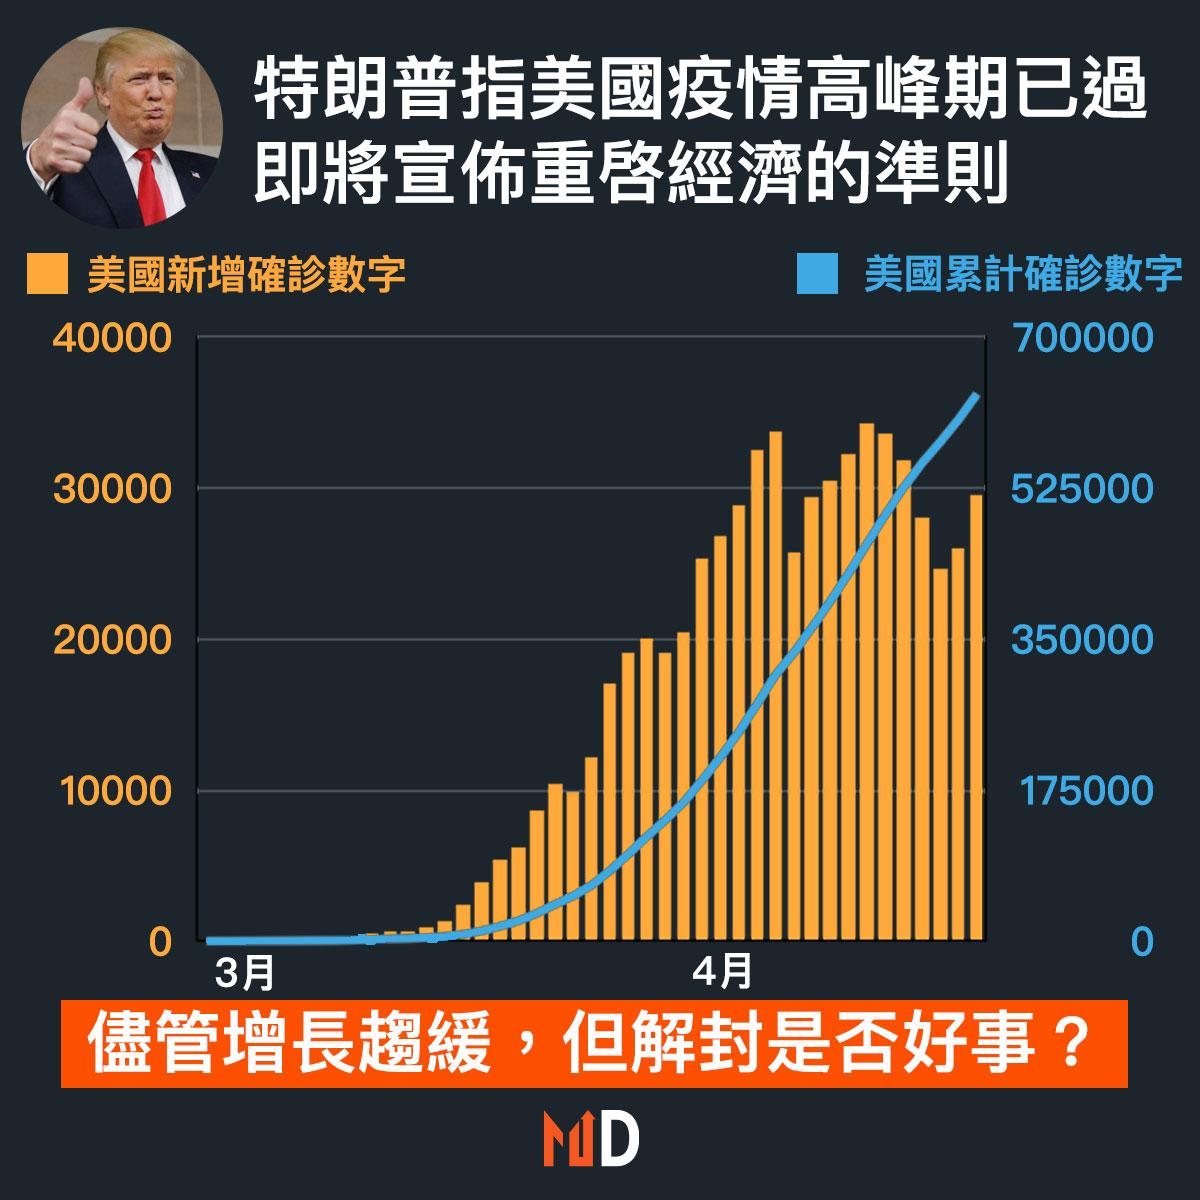 【市場熱話】特朗普指美國疫情高峰期已過,將於週四討論重啓經濟準則